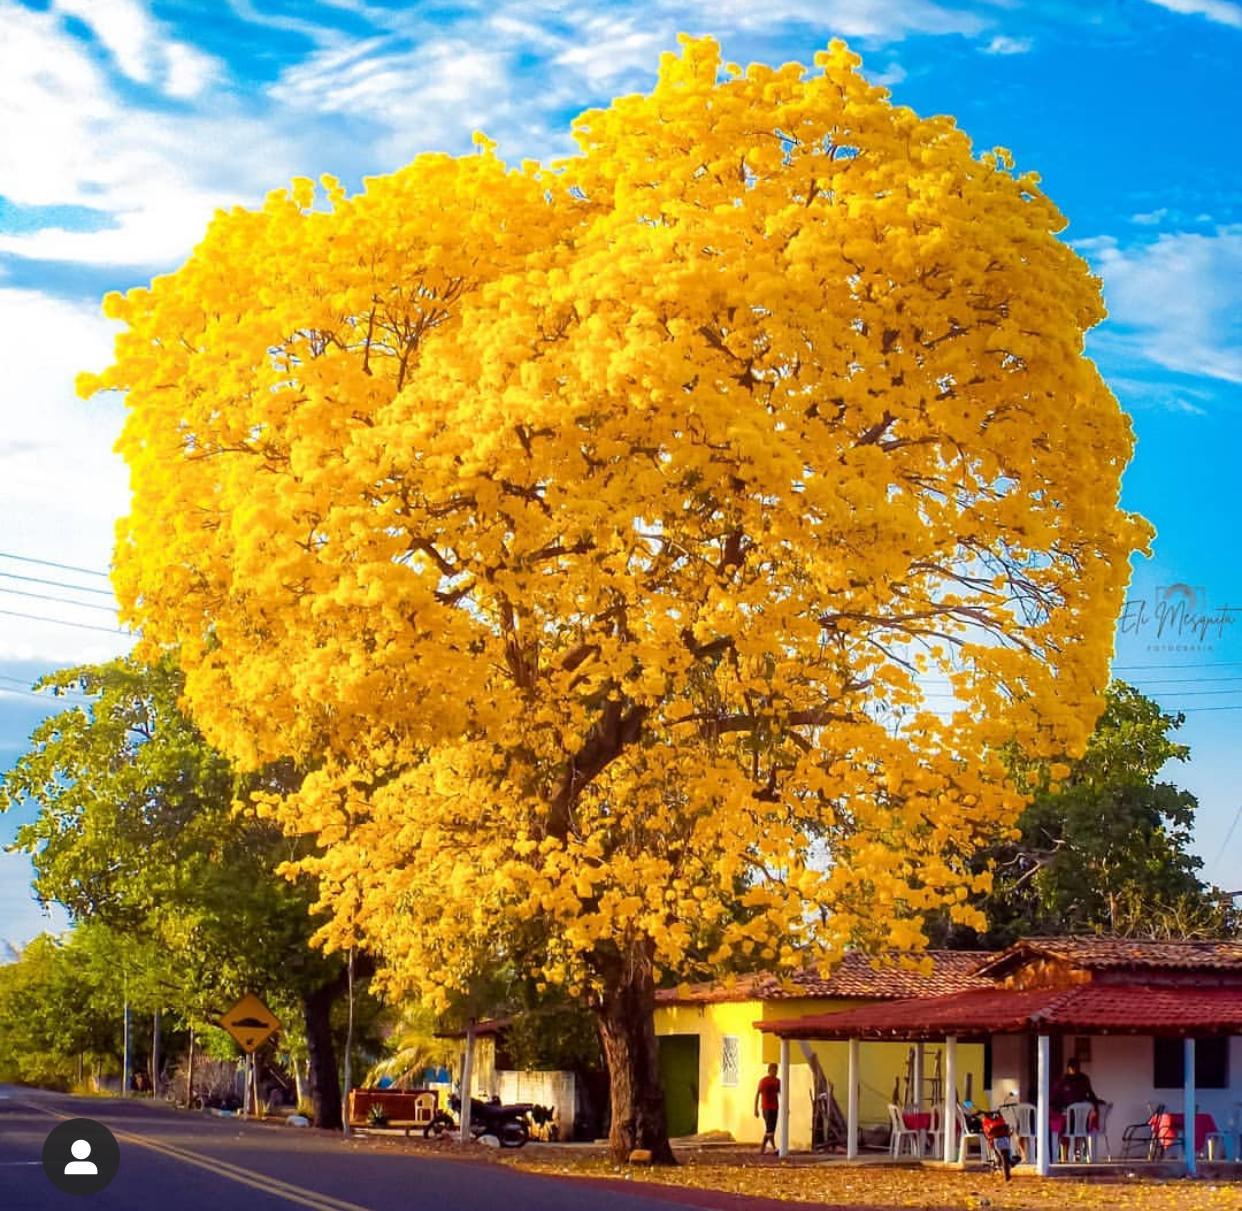 Ipê amarelo fotografado na cidade de Batalha, no Piauí - Foto: Eli Mesquita